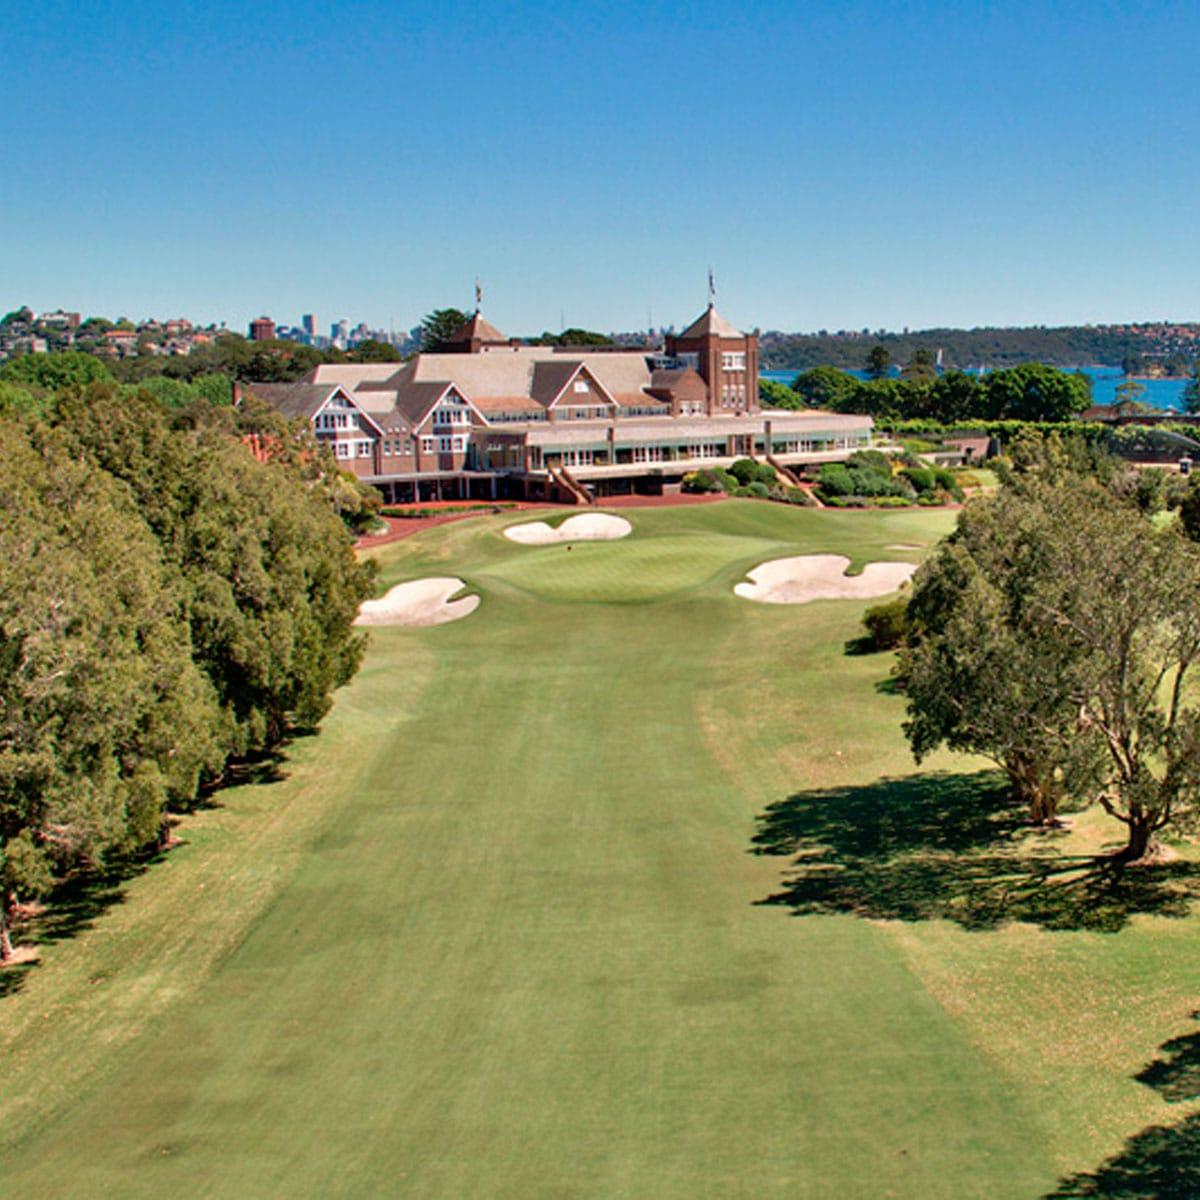 The Royal Sydney Golf Club